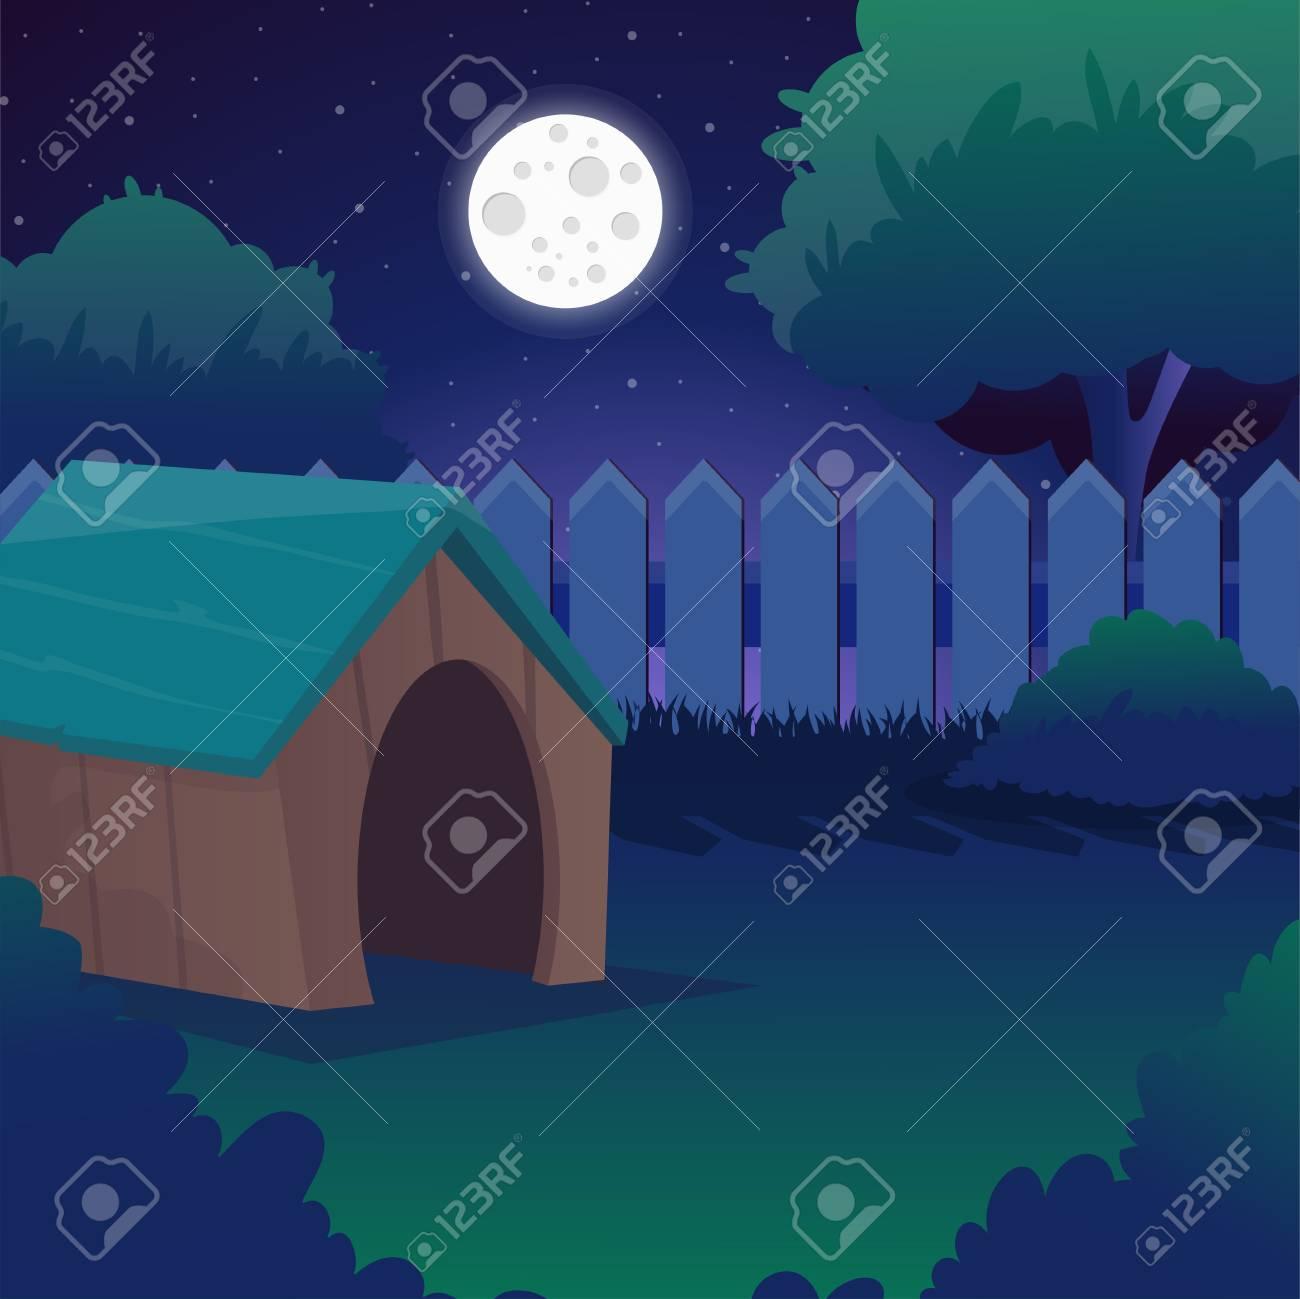 Paisagem Da Noite Dos Desenhos Animados Com Ceu Estrelado Lua